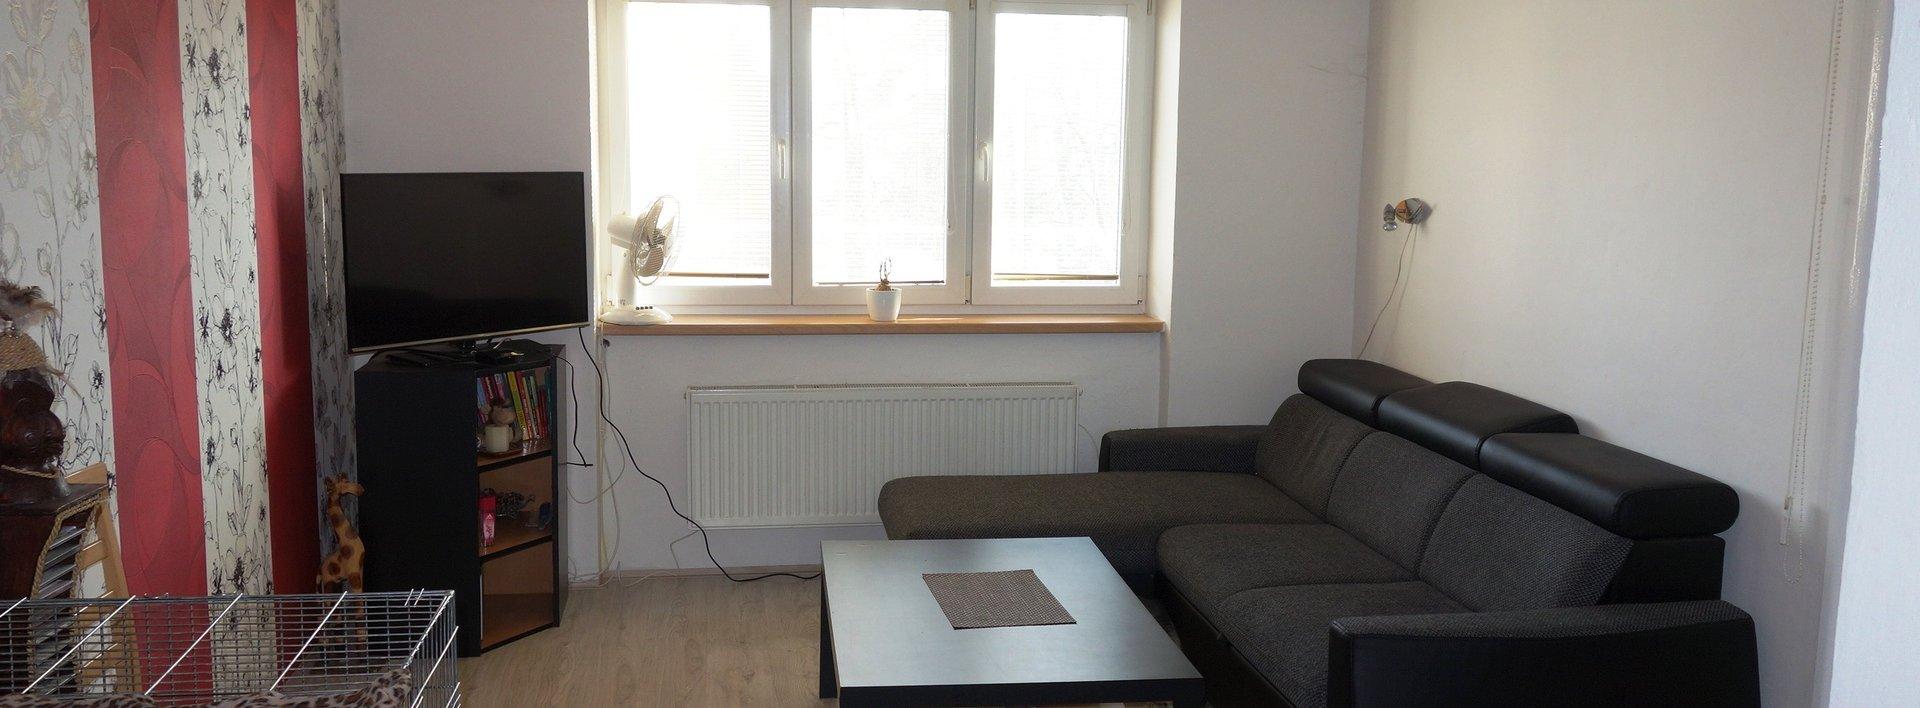 Zděný byt 2+1, 55m² , nedaleko centra Pardubic, Ev.č.: N47999